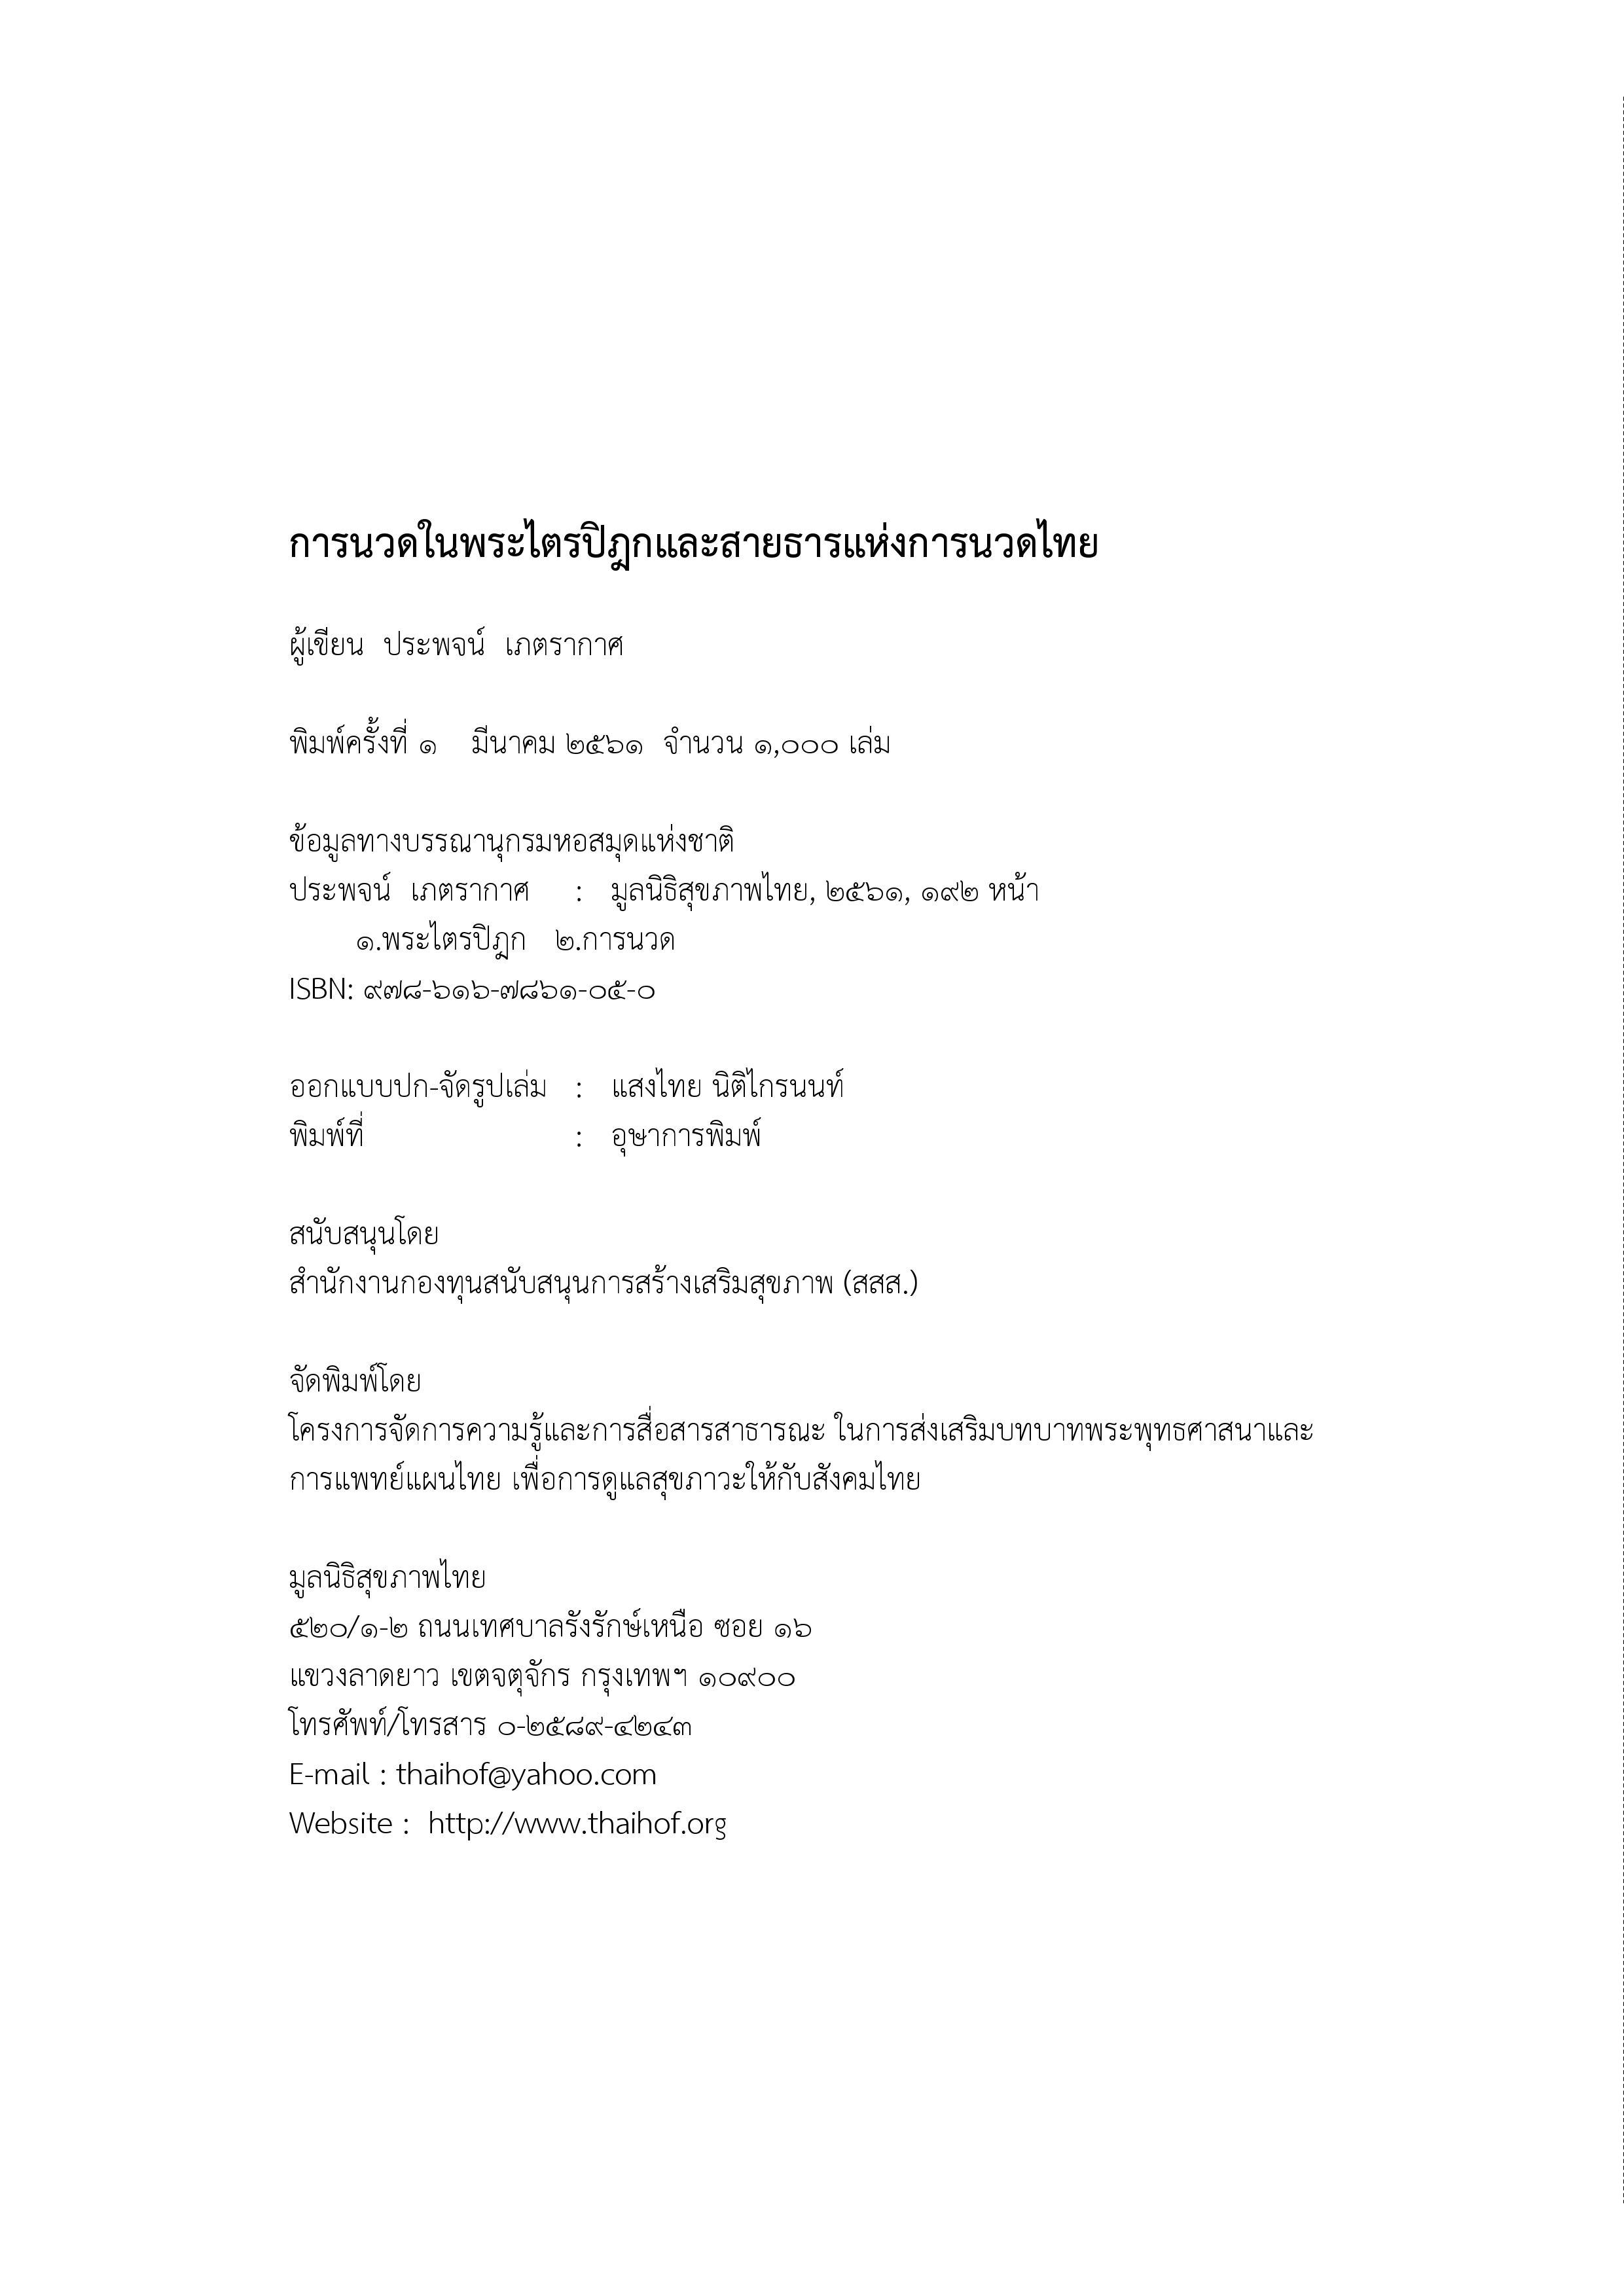 การนวดในพระไตรปิฎกและสายธารแห่งการนวดไทย